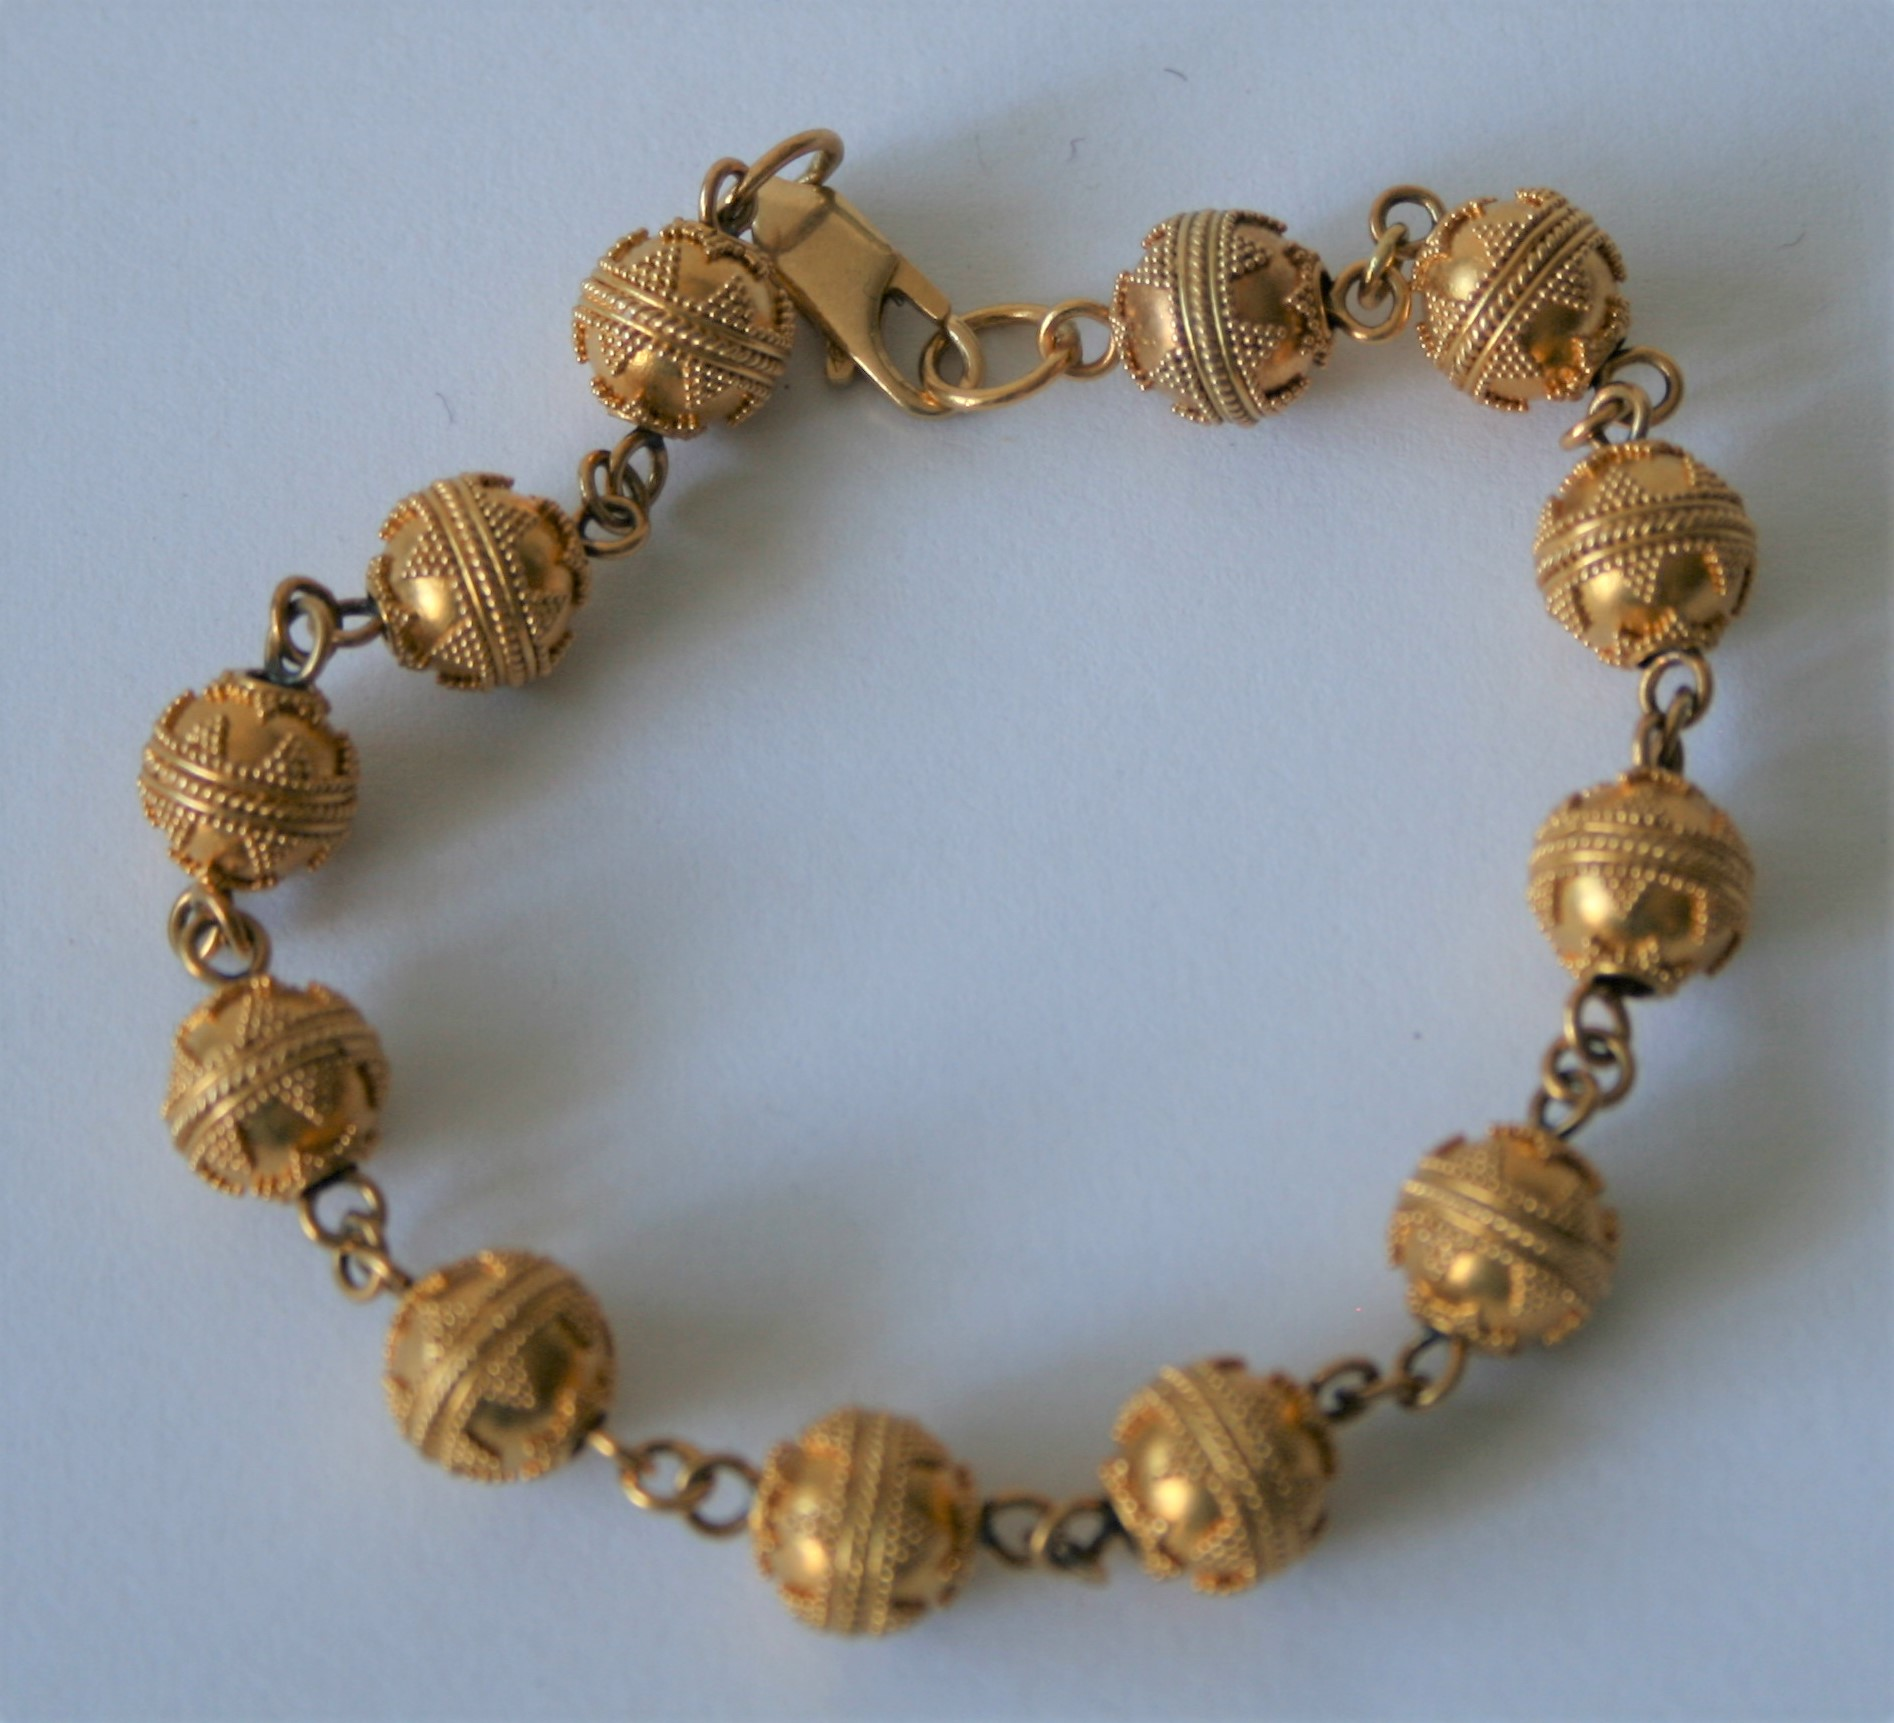 Bracelet en or 18 ct composé d'une succession de 12 boules gravées de motifs [...]